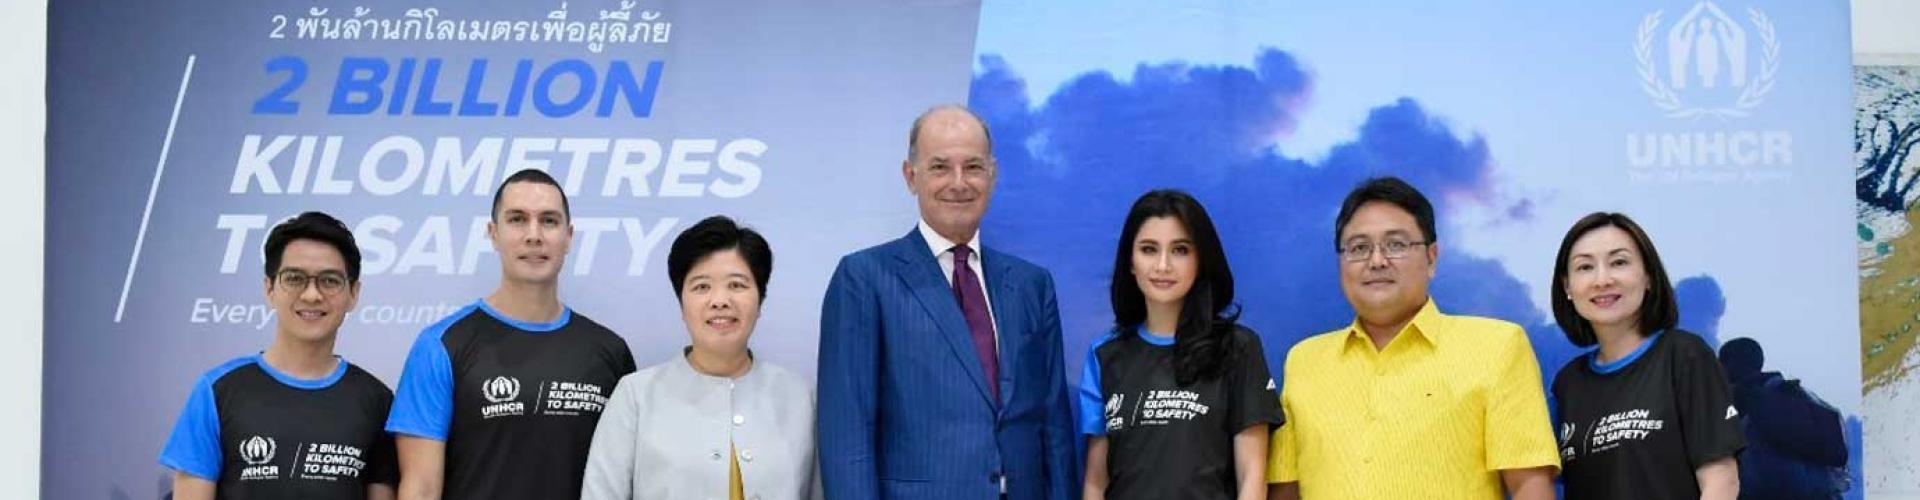 """UNHCR เปิดตัวแคมเปญระดับโลก """"2 พันล้านกิโลเมตรเพื่อผู้ลี้ภัย"""" เชิญชวนคนไทยร่วมยืนหยัดเคียงข้างผู้ลี้ภัย"""